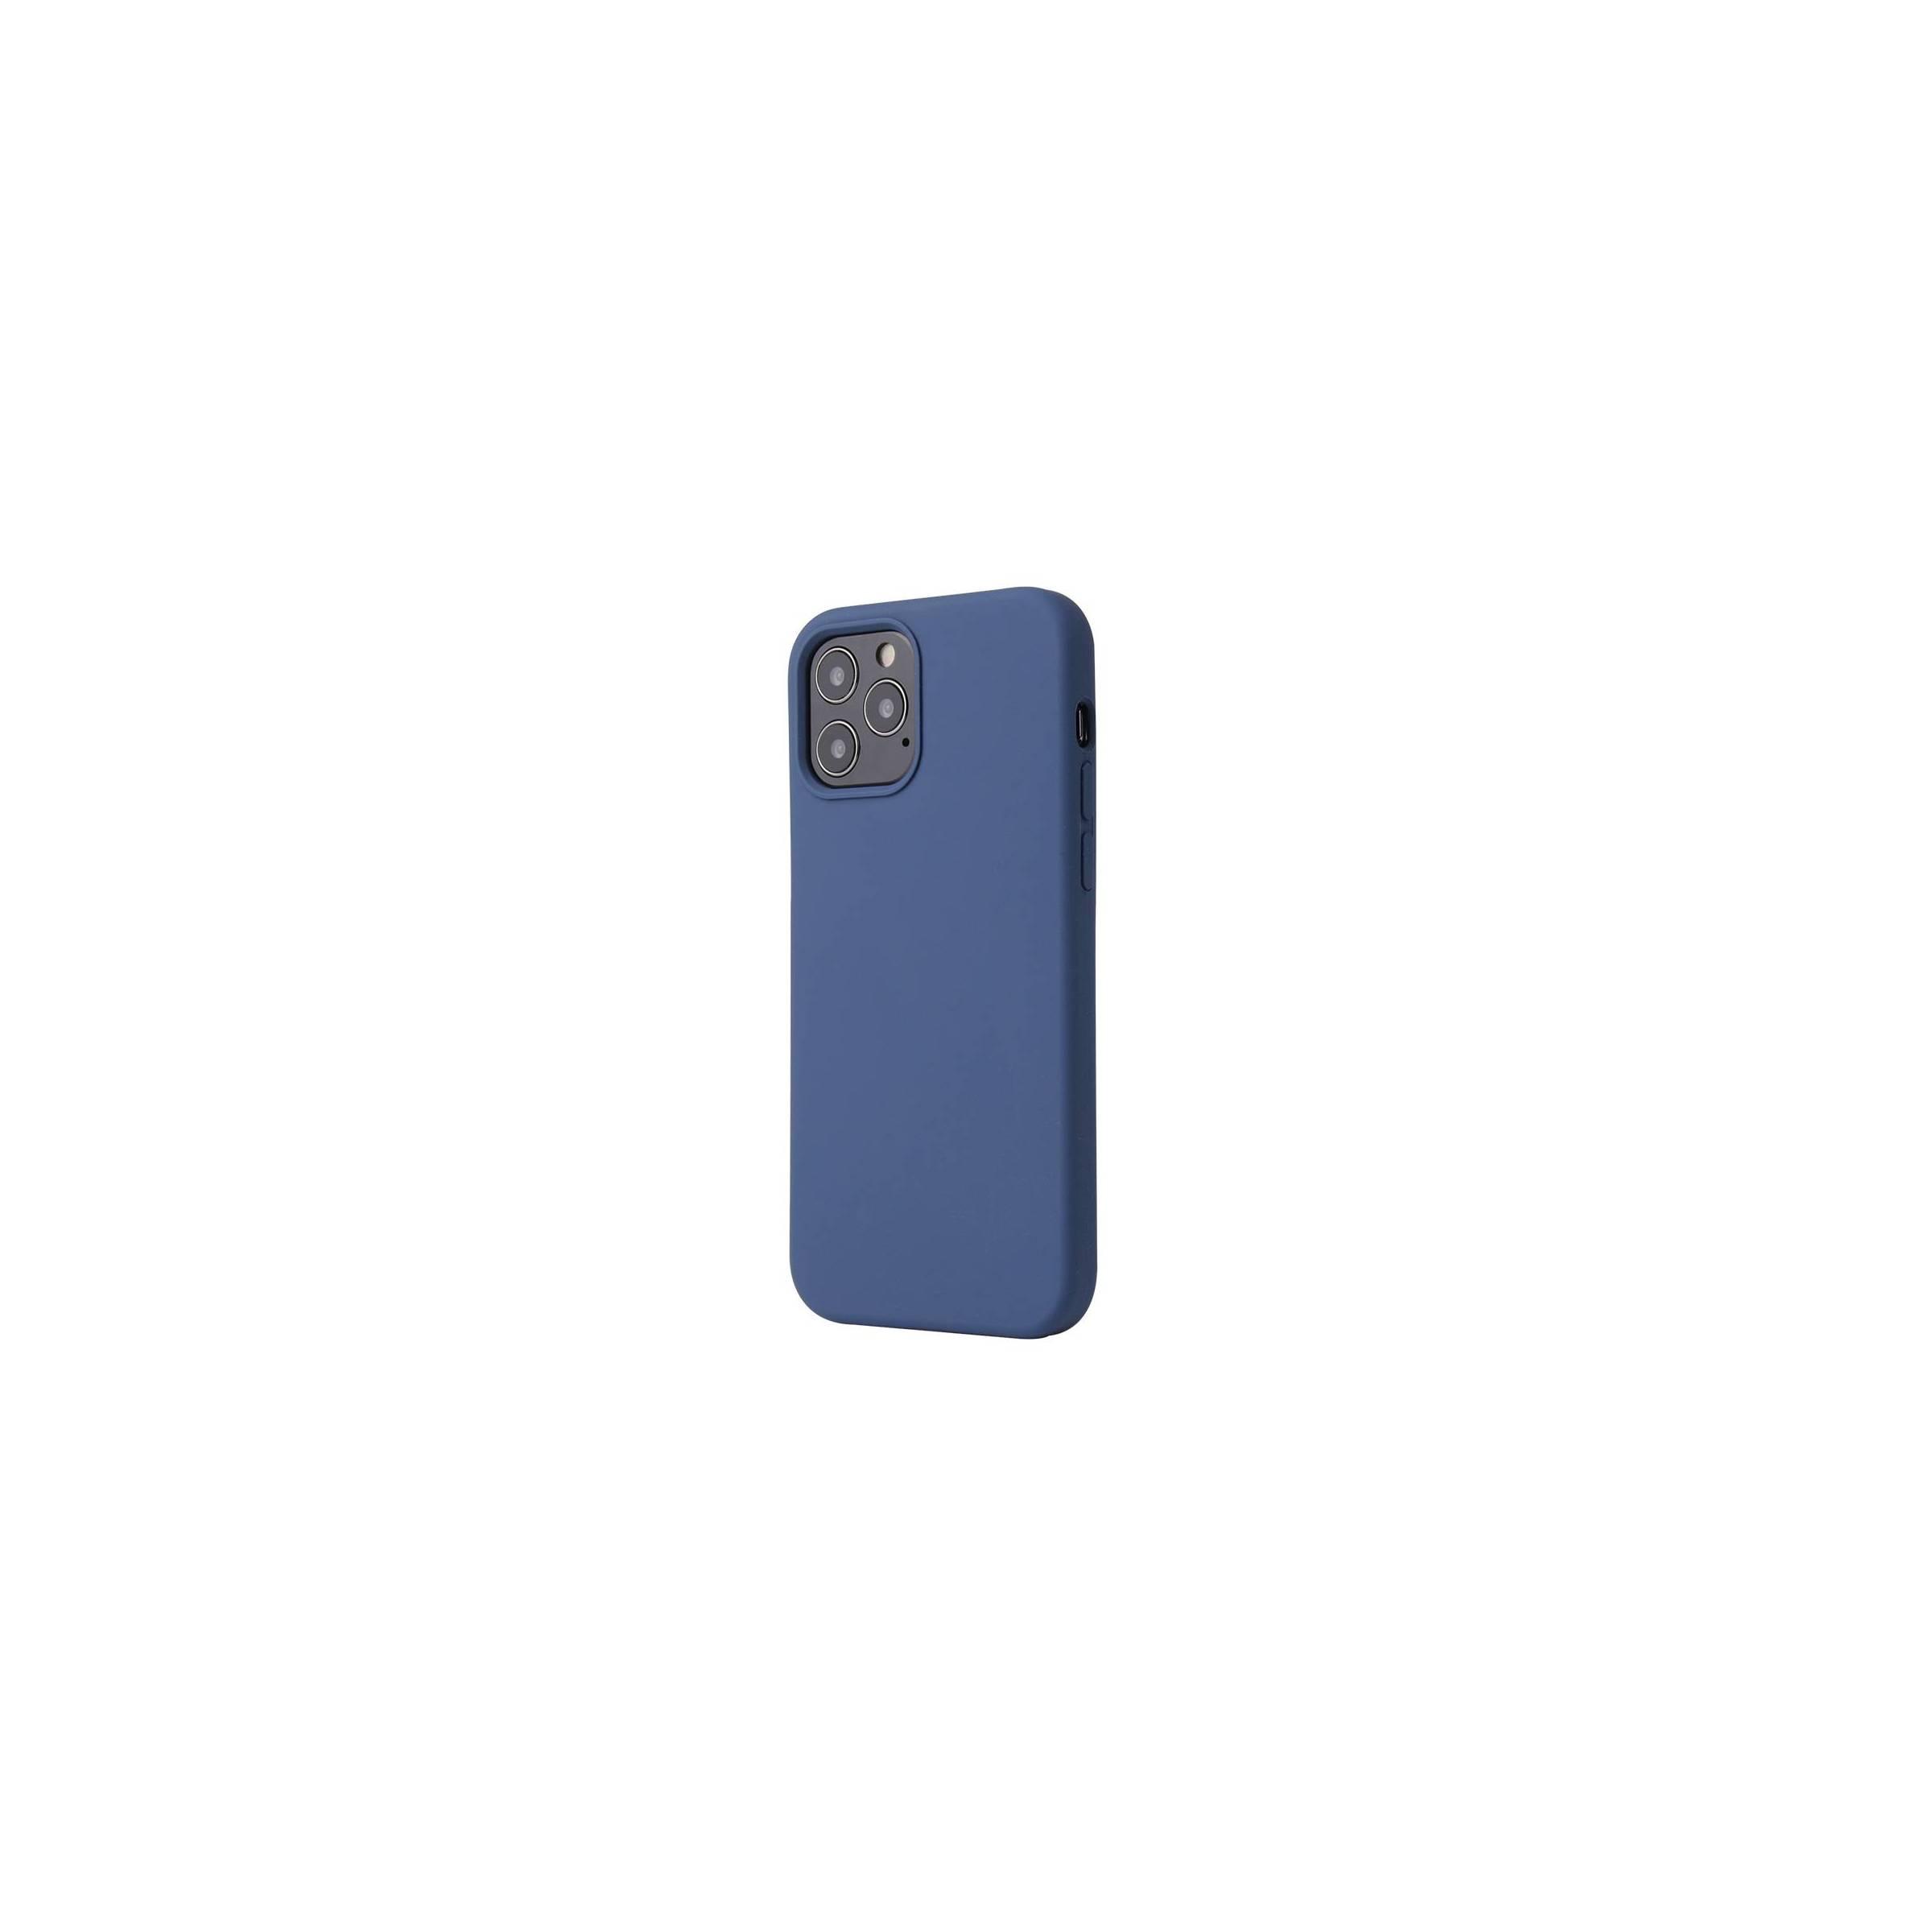 """kina oem – Lækkert iphone 12 pro max silikone cover 6,7"""" flere farver farve blå på mackabler.dk"""